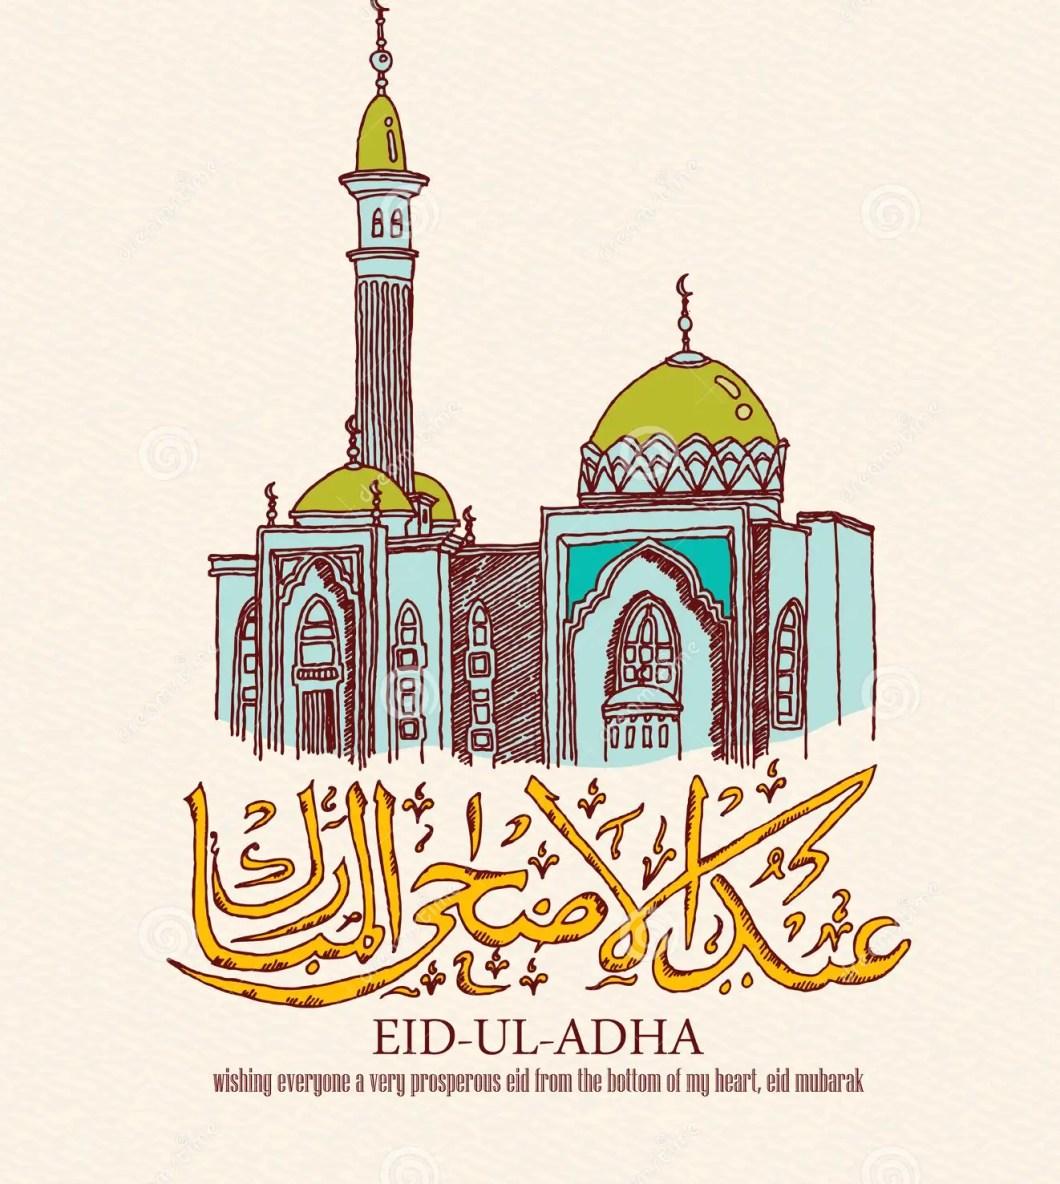 Eid Al Adha 2018 Greeting Cards In Arabic Cardjdi